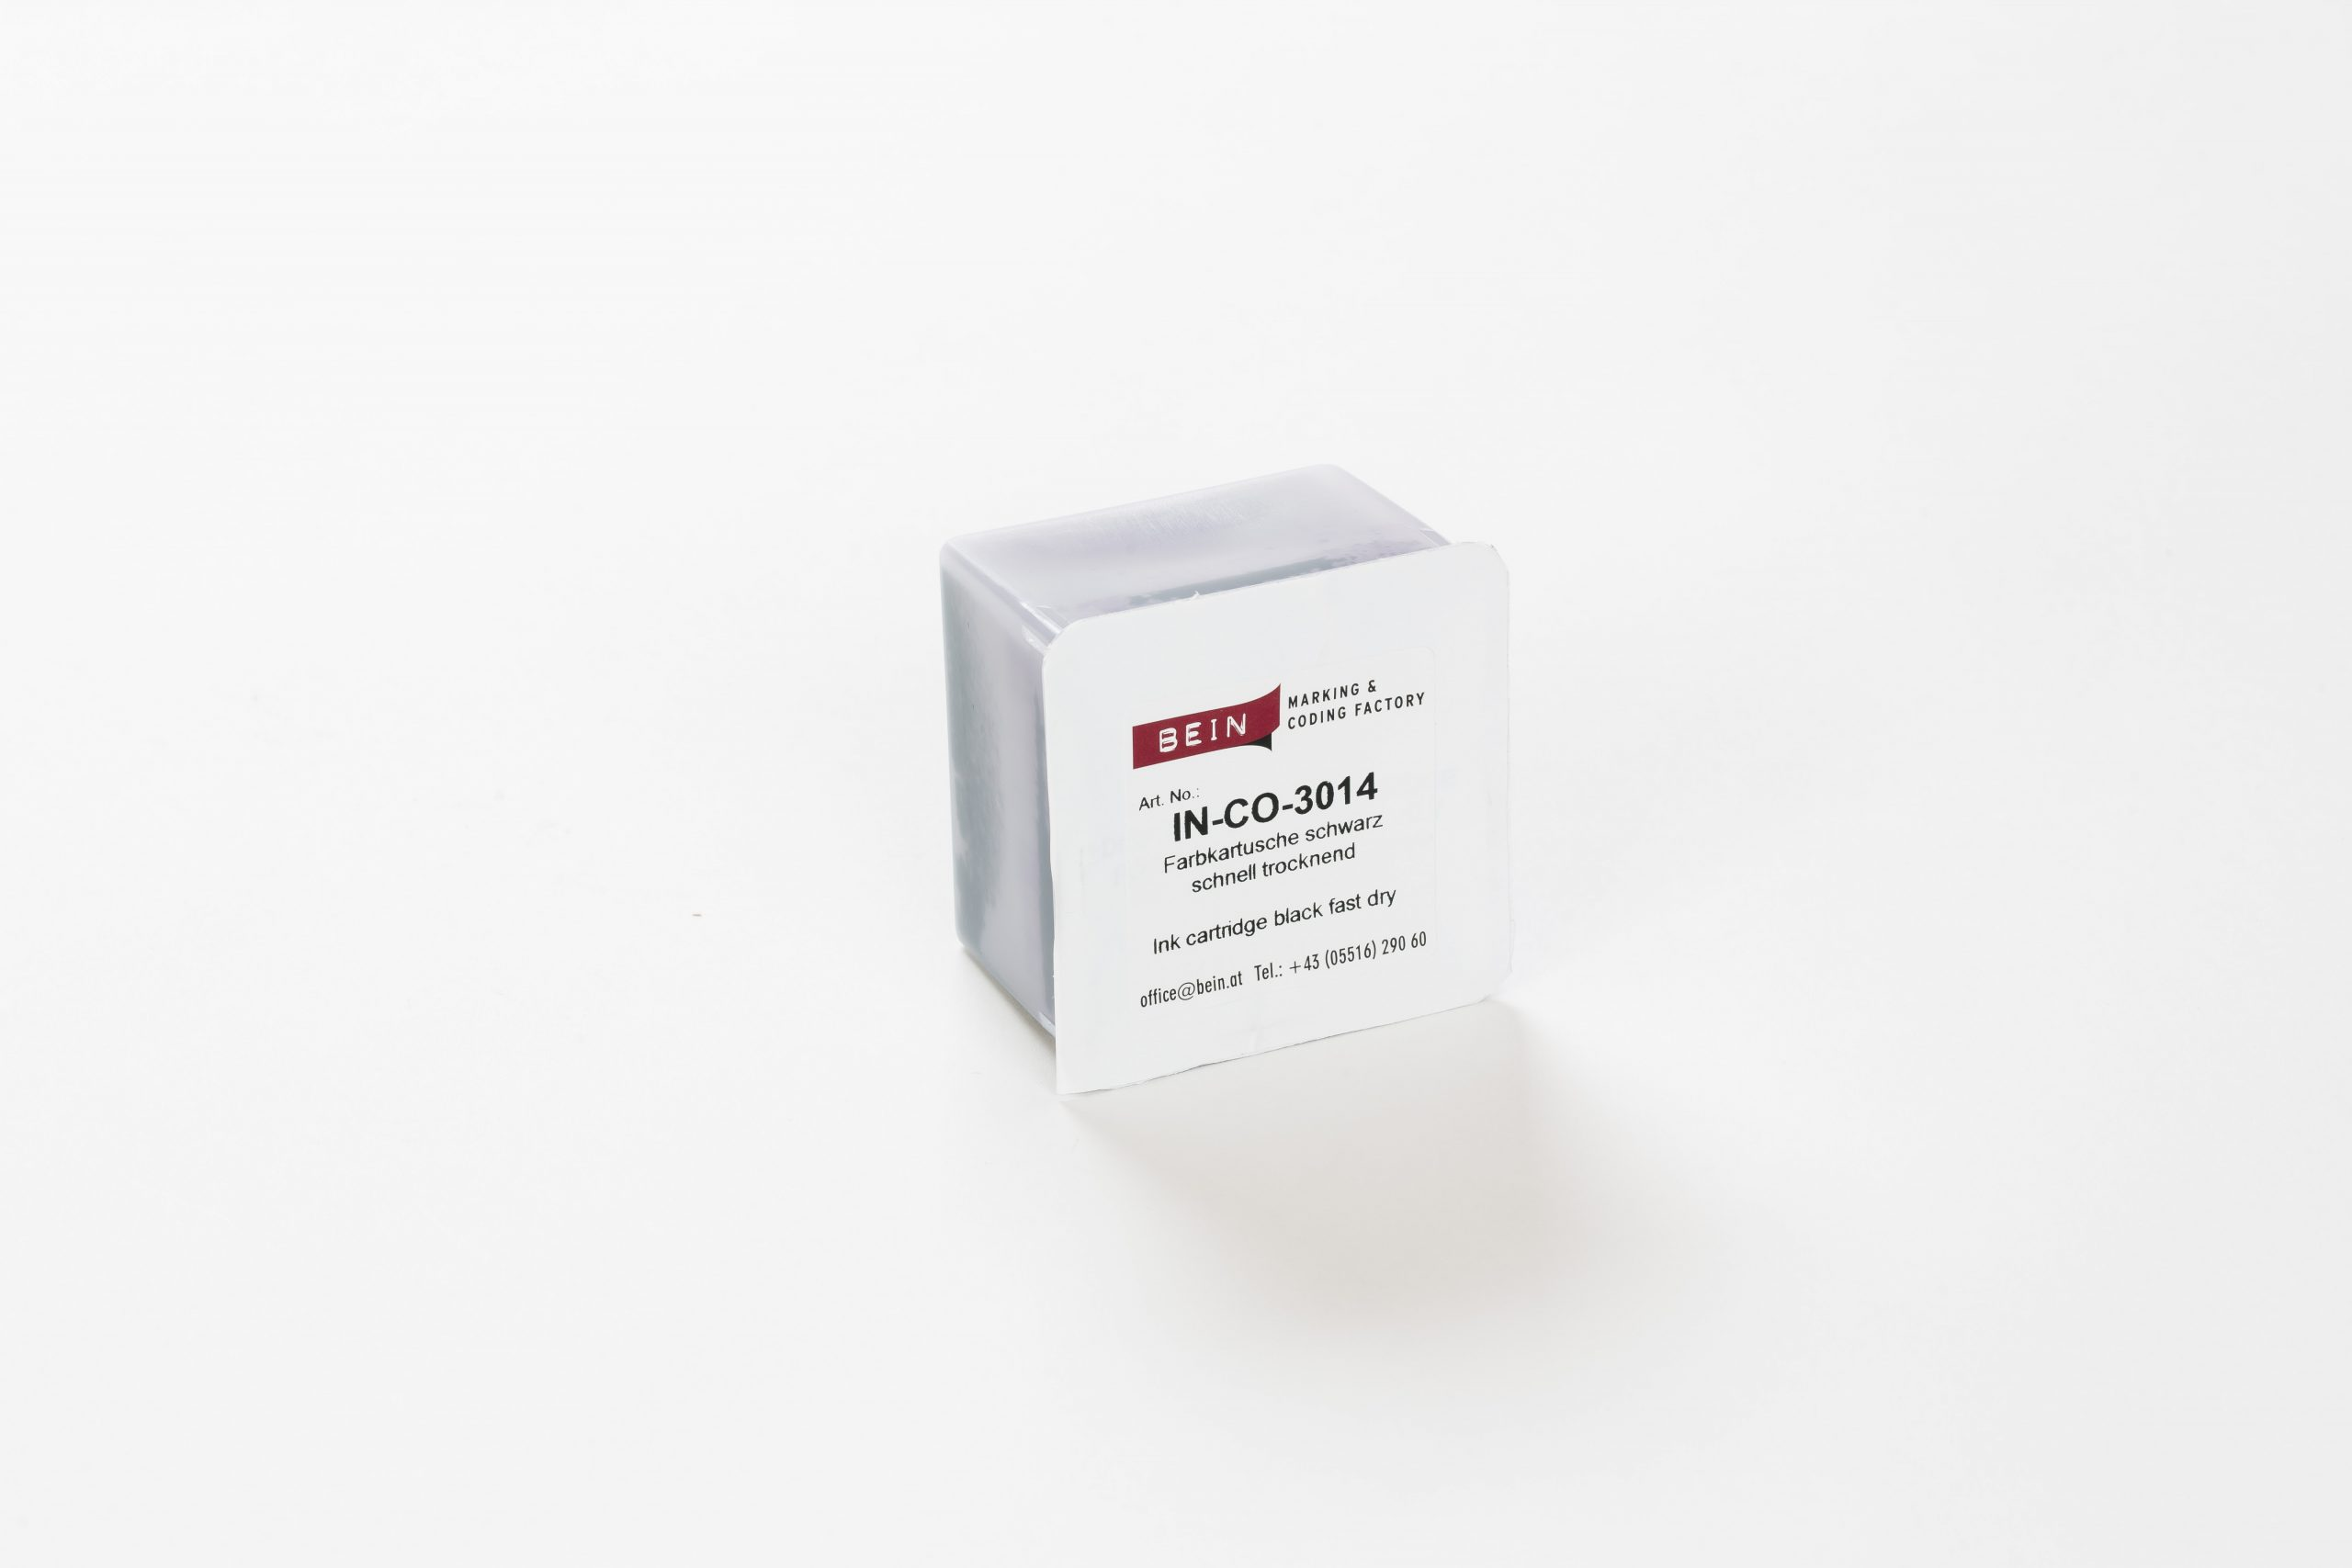 Bein Helmut GmbH, Doren, Marking Coding Company, Kennzeichnungssysteme